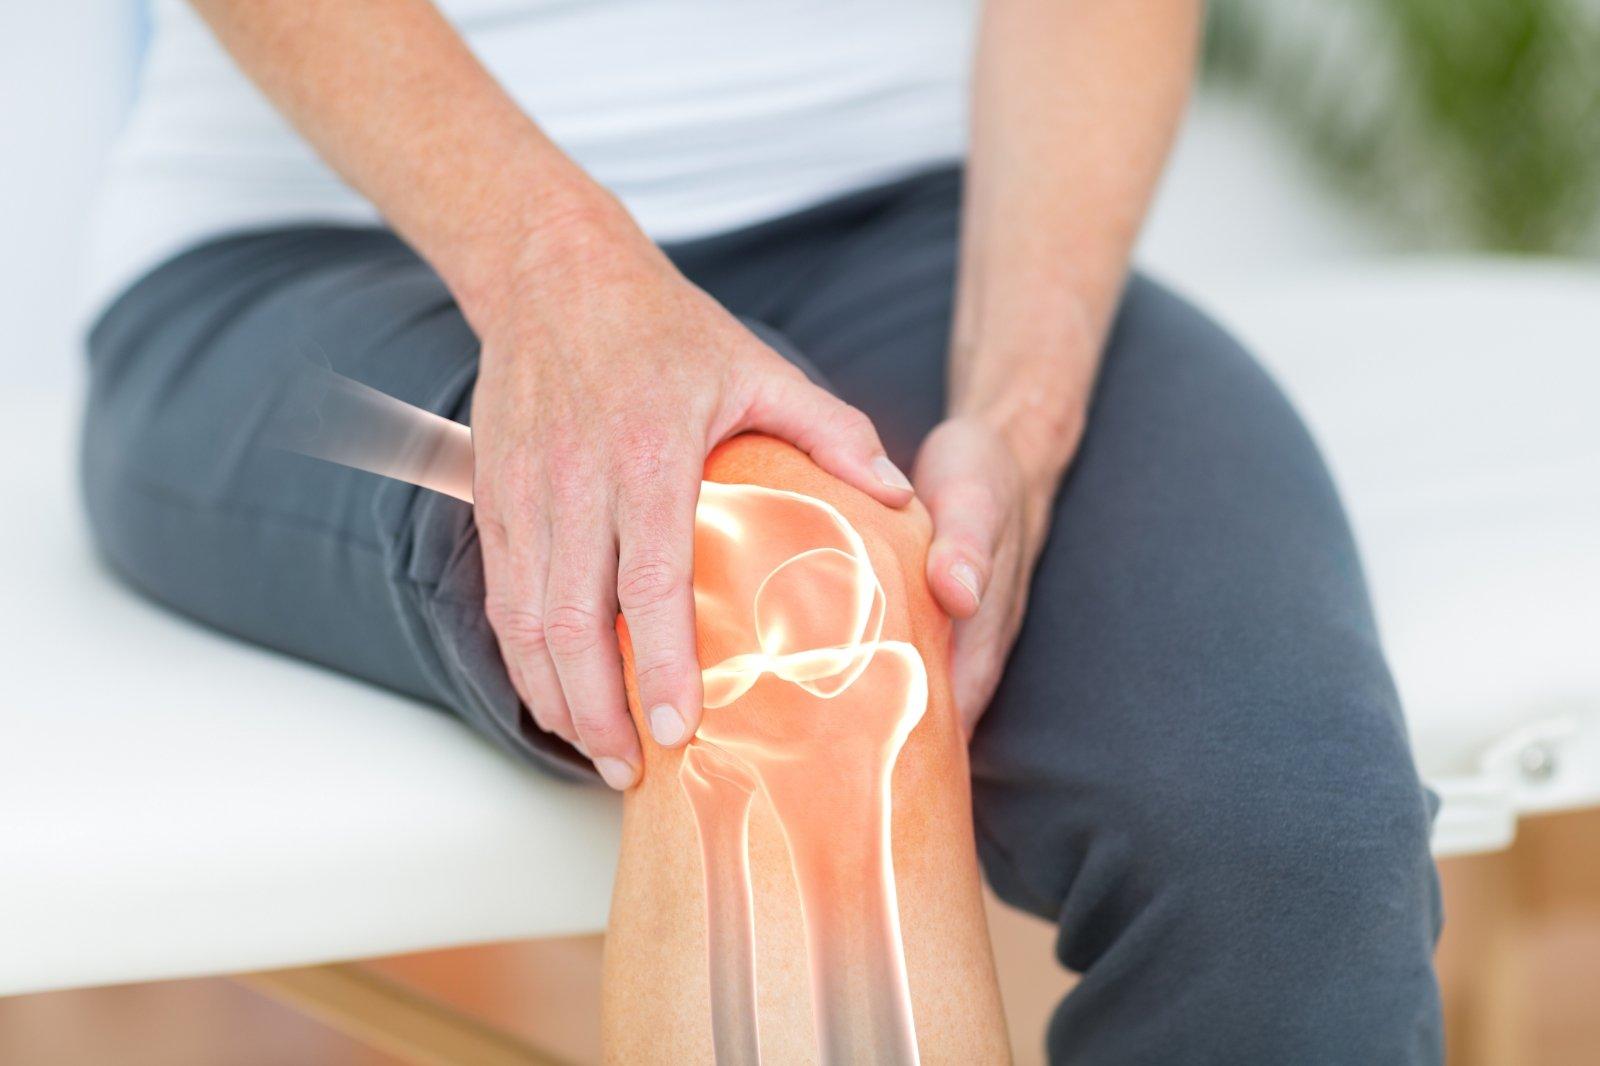 prailginto skrandžio skauda skausmas pėdos sąnarių po paleisti